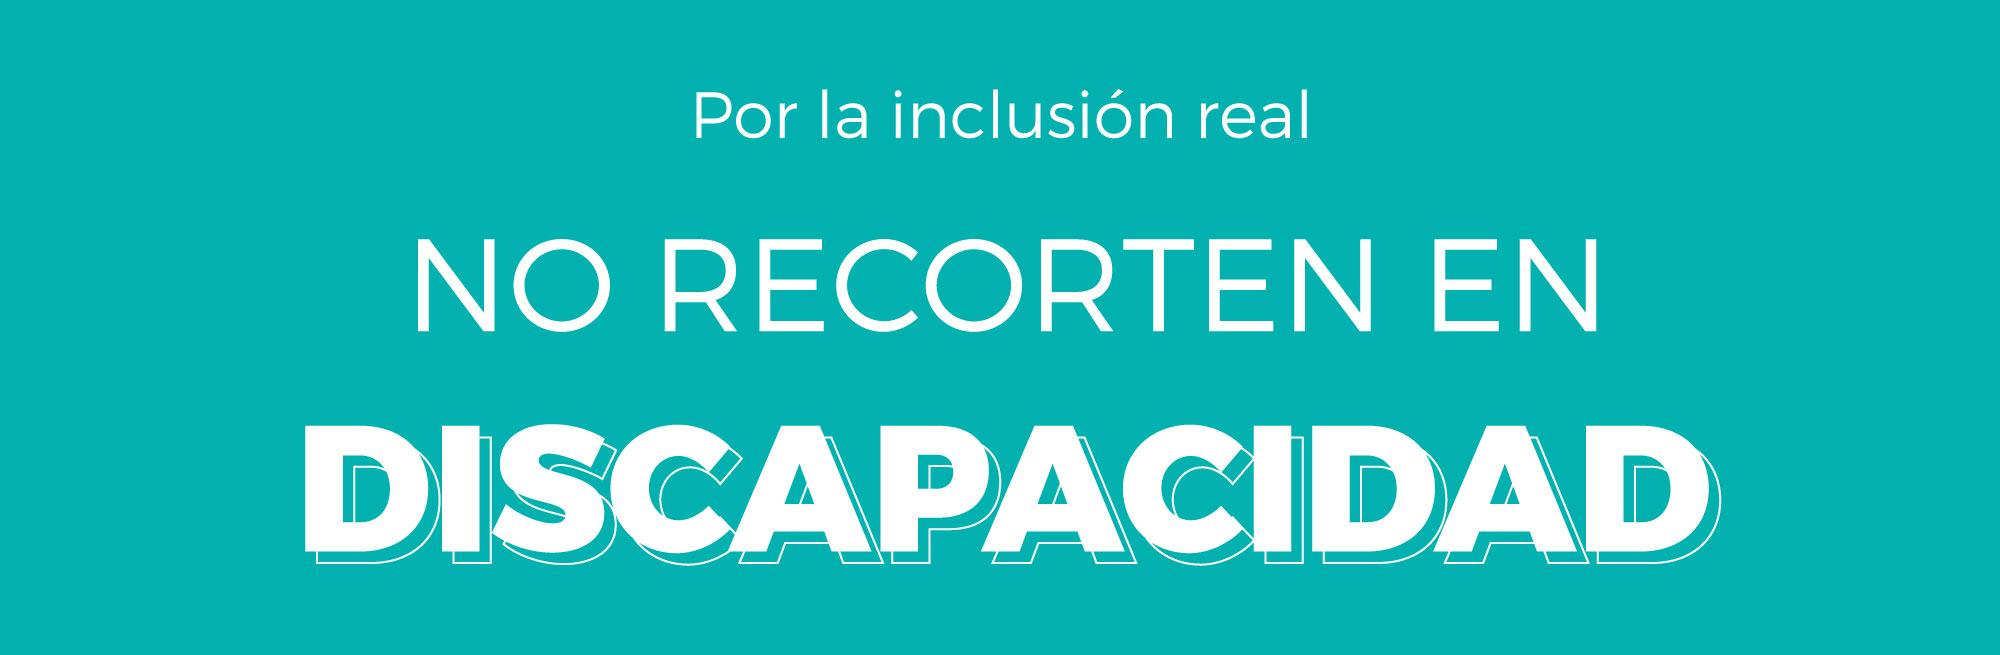 Las personas con discapacidad no son una prioridad para el Gobierno argentino